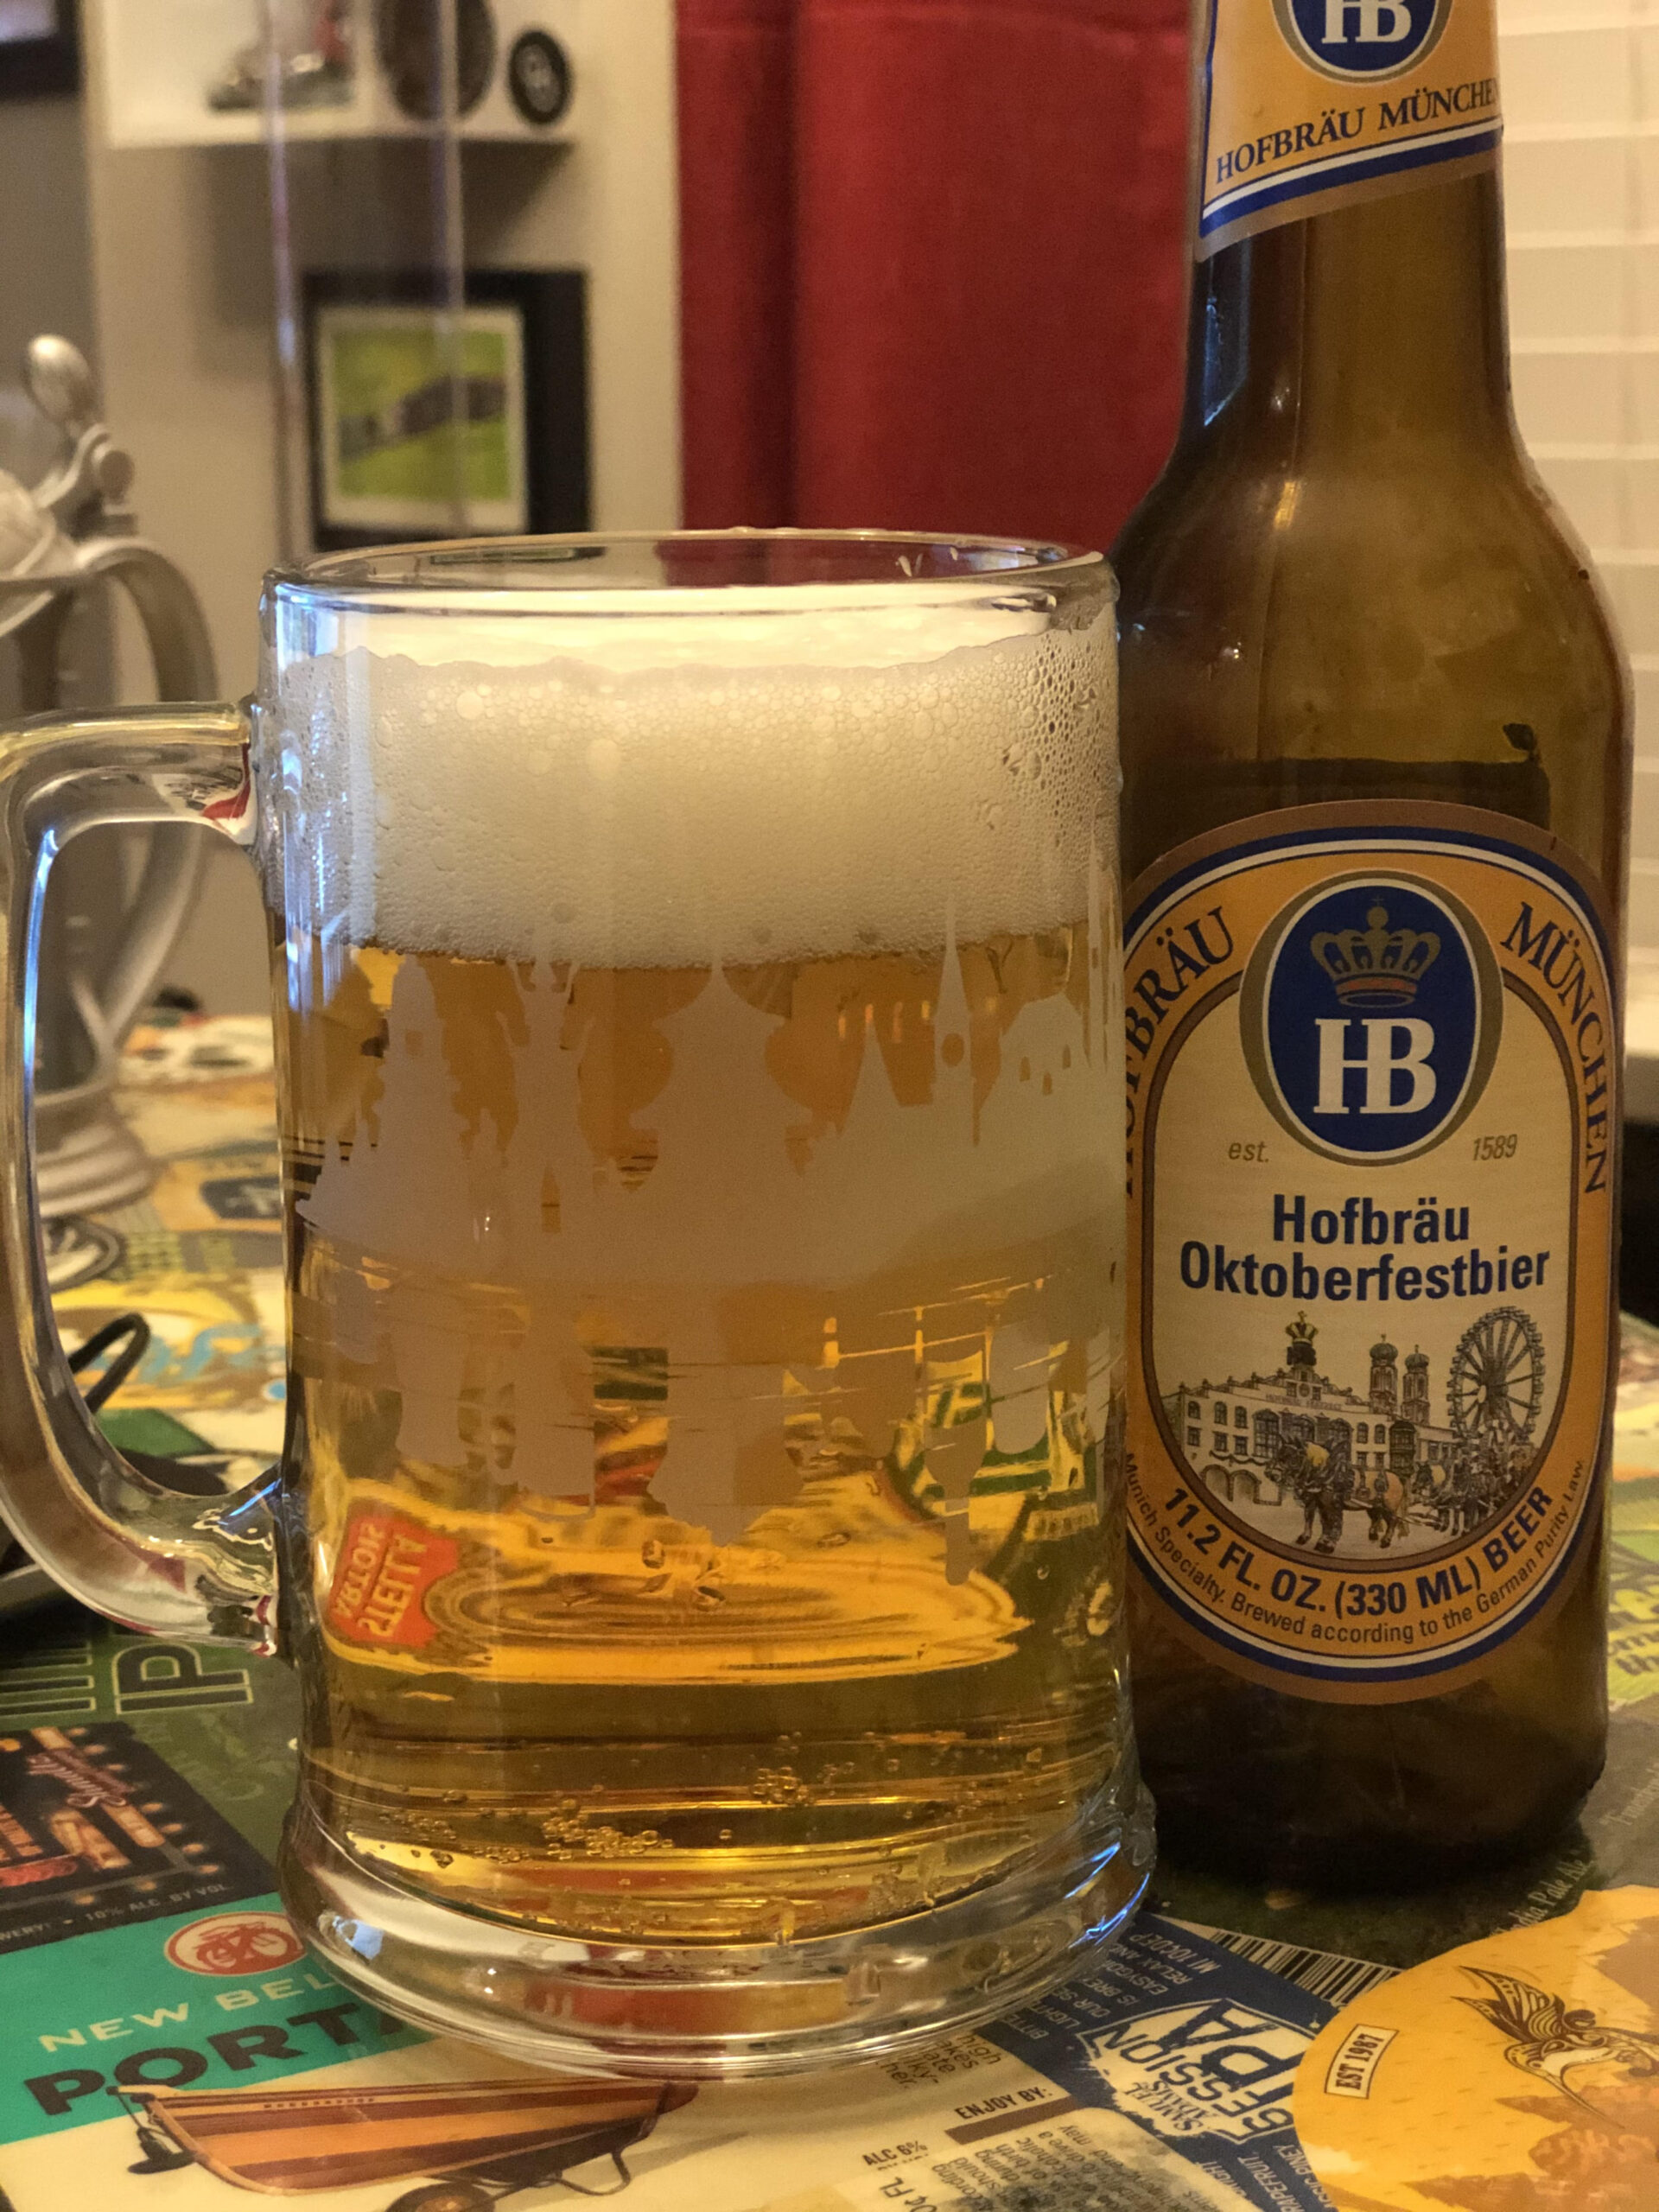 Hofbrau Oktoberfestbier